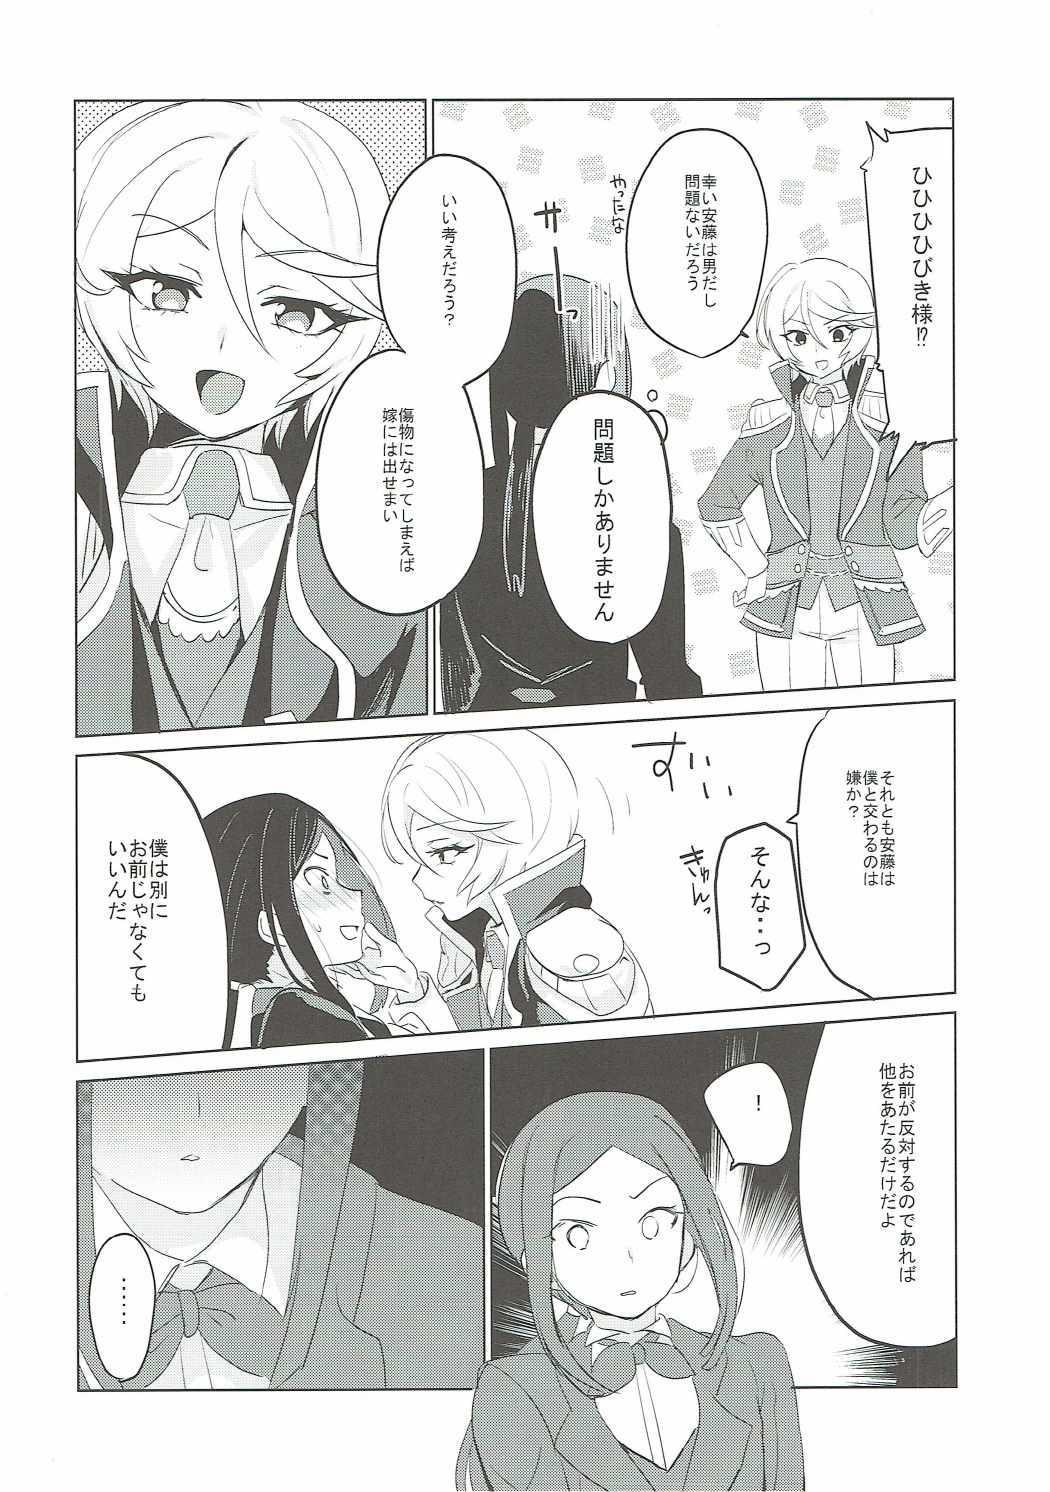 Soshitara Zenbu Yurushite Yaru 8